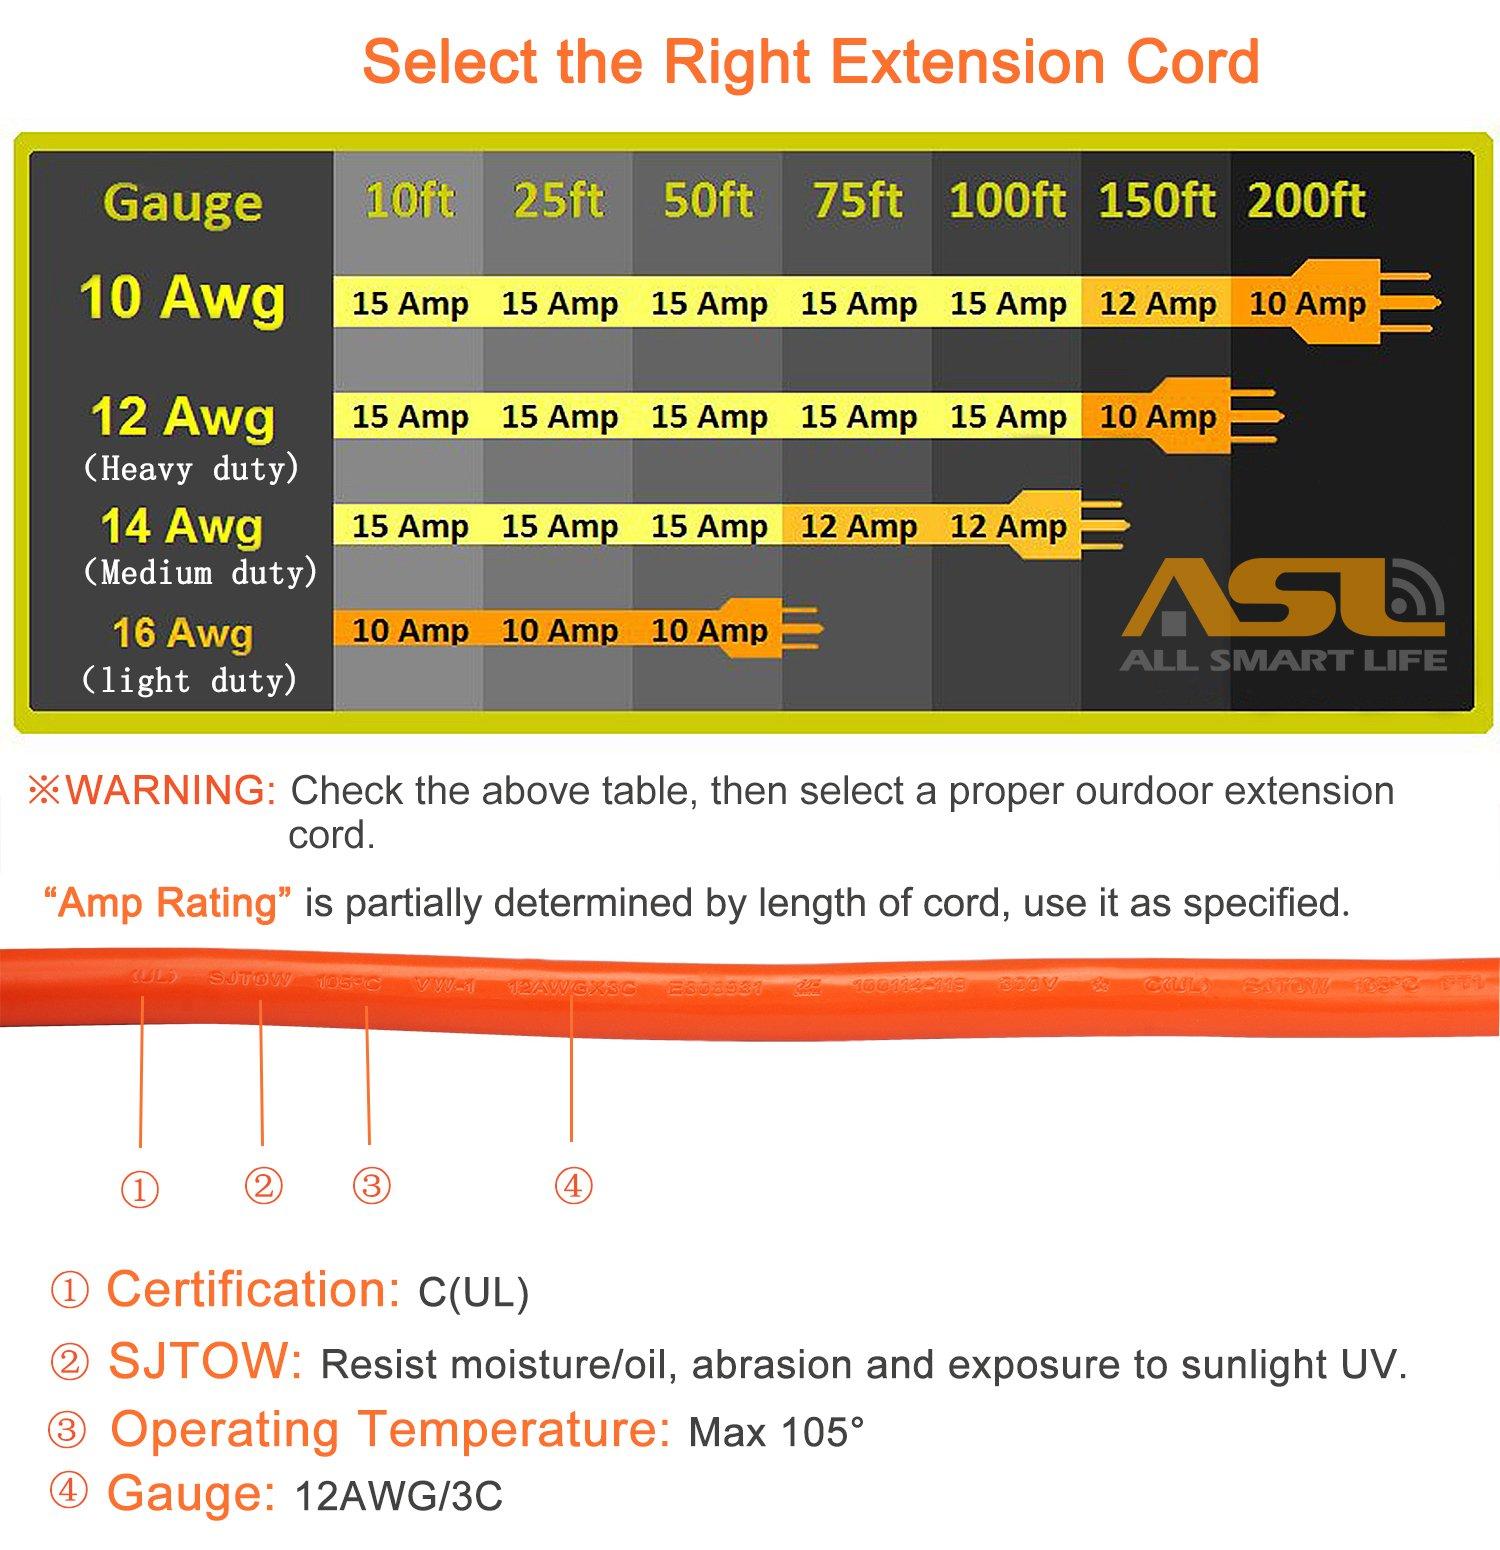 Ungewöhnlich 12 Awg Kabel Ampere Galerie - Elektrische Schaltplan ...